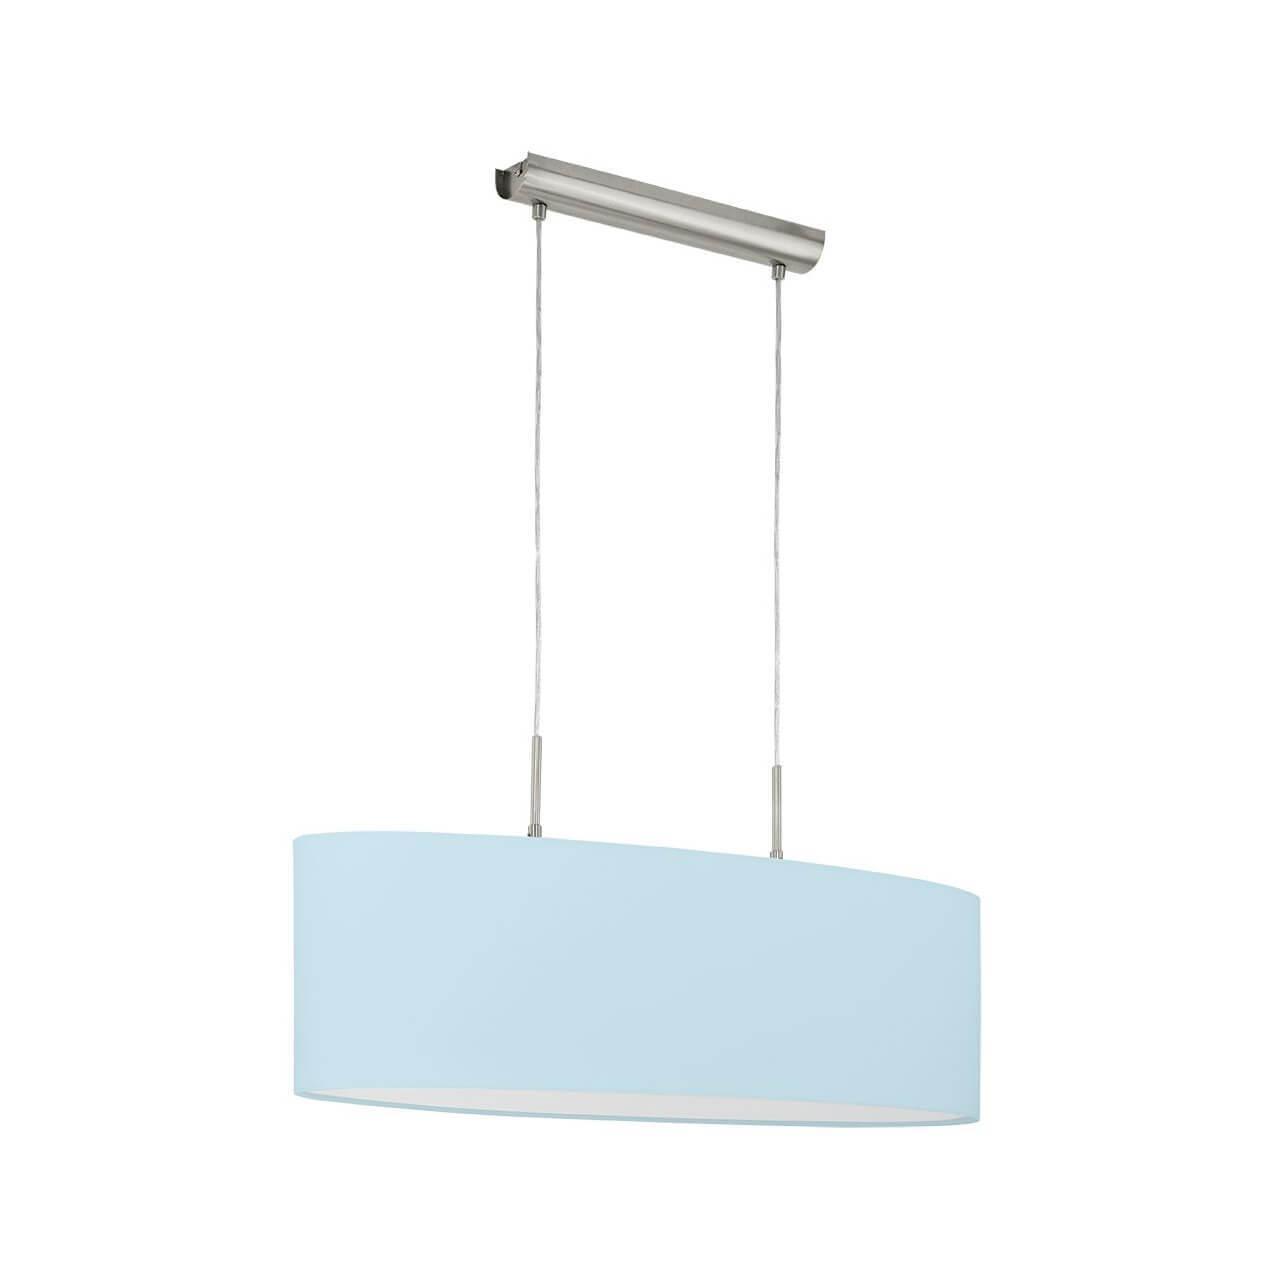 Подвесной светильник Eglo 97387, E27, 60 Вт подвесной светильник eglo pasteri 31577